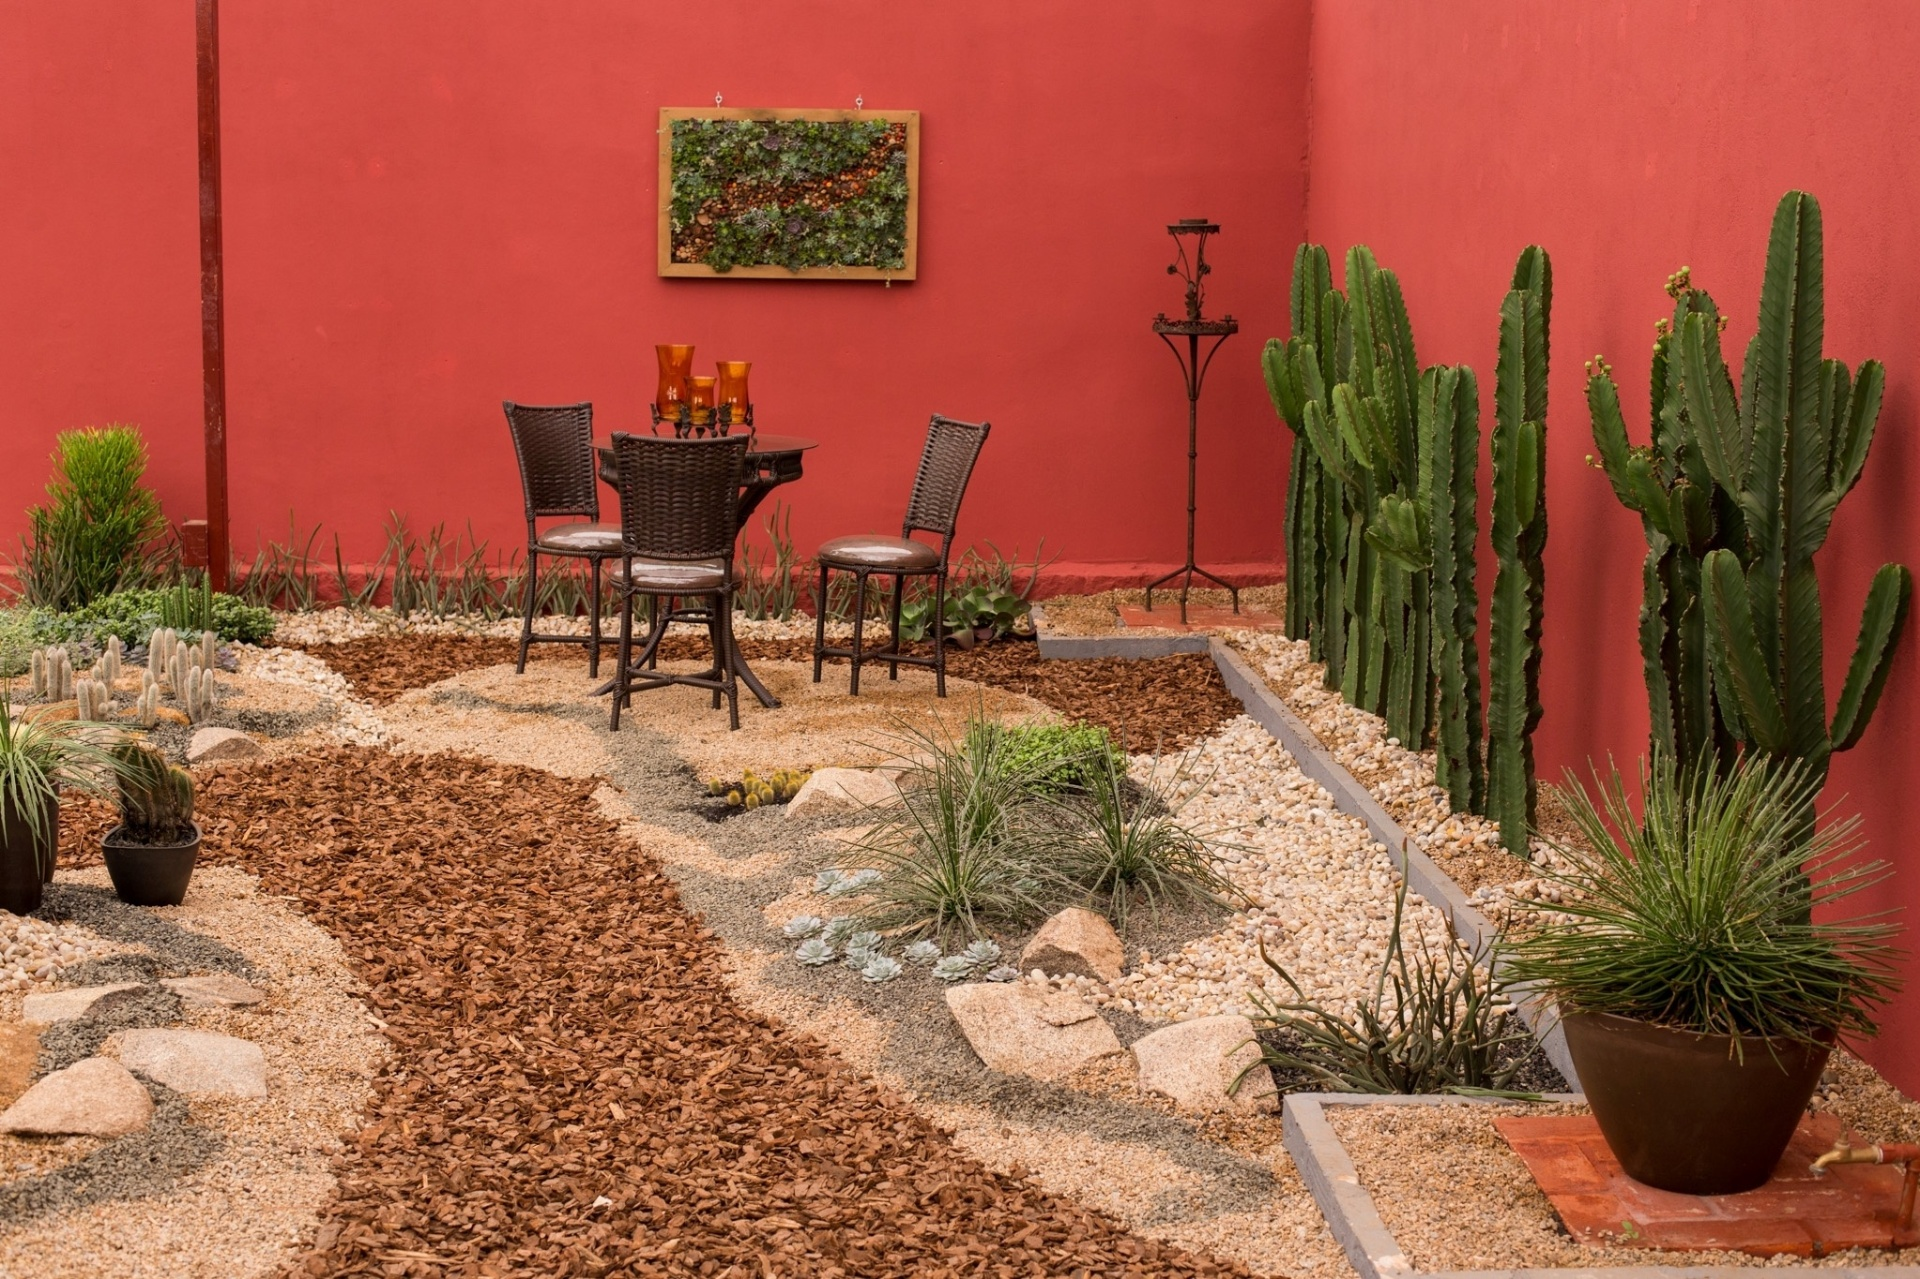 ideias para um jardim grande: um quadro de 100 cm x 50 cm com grande variedade de suculentas e